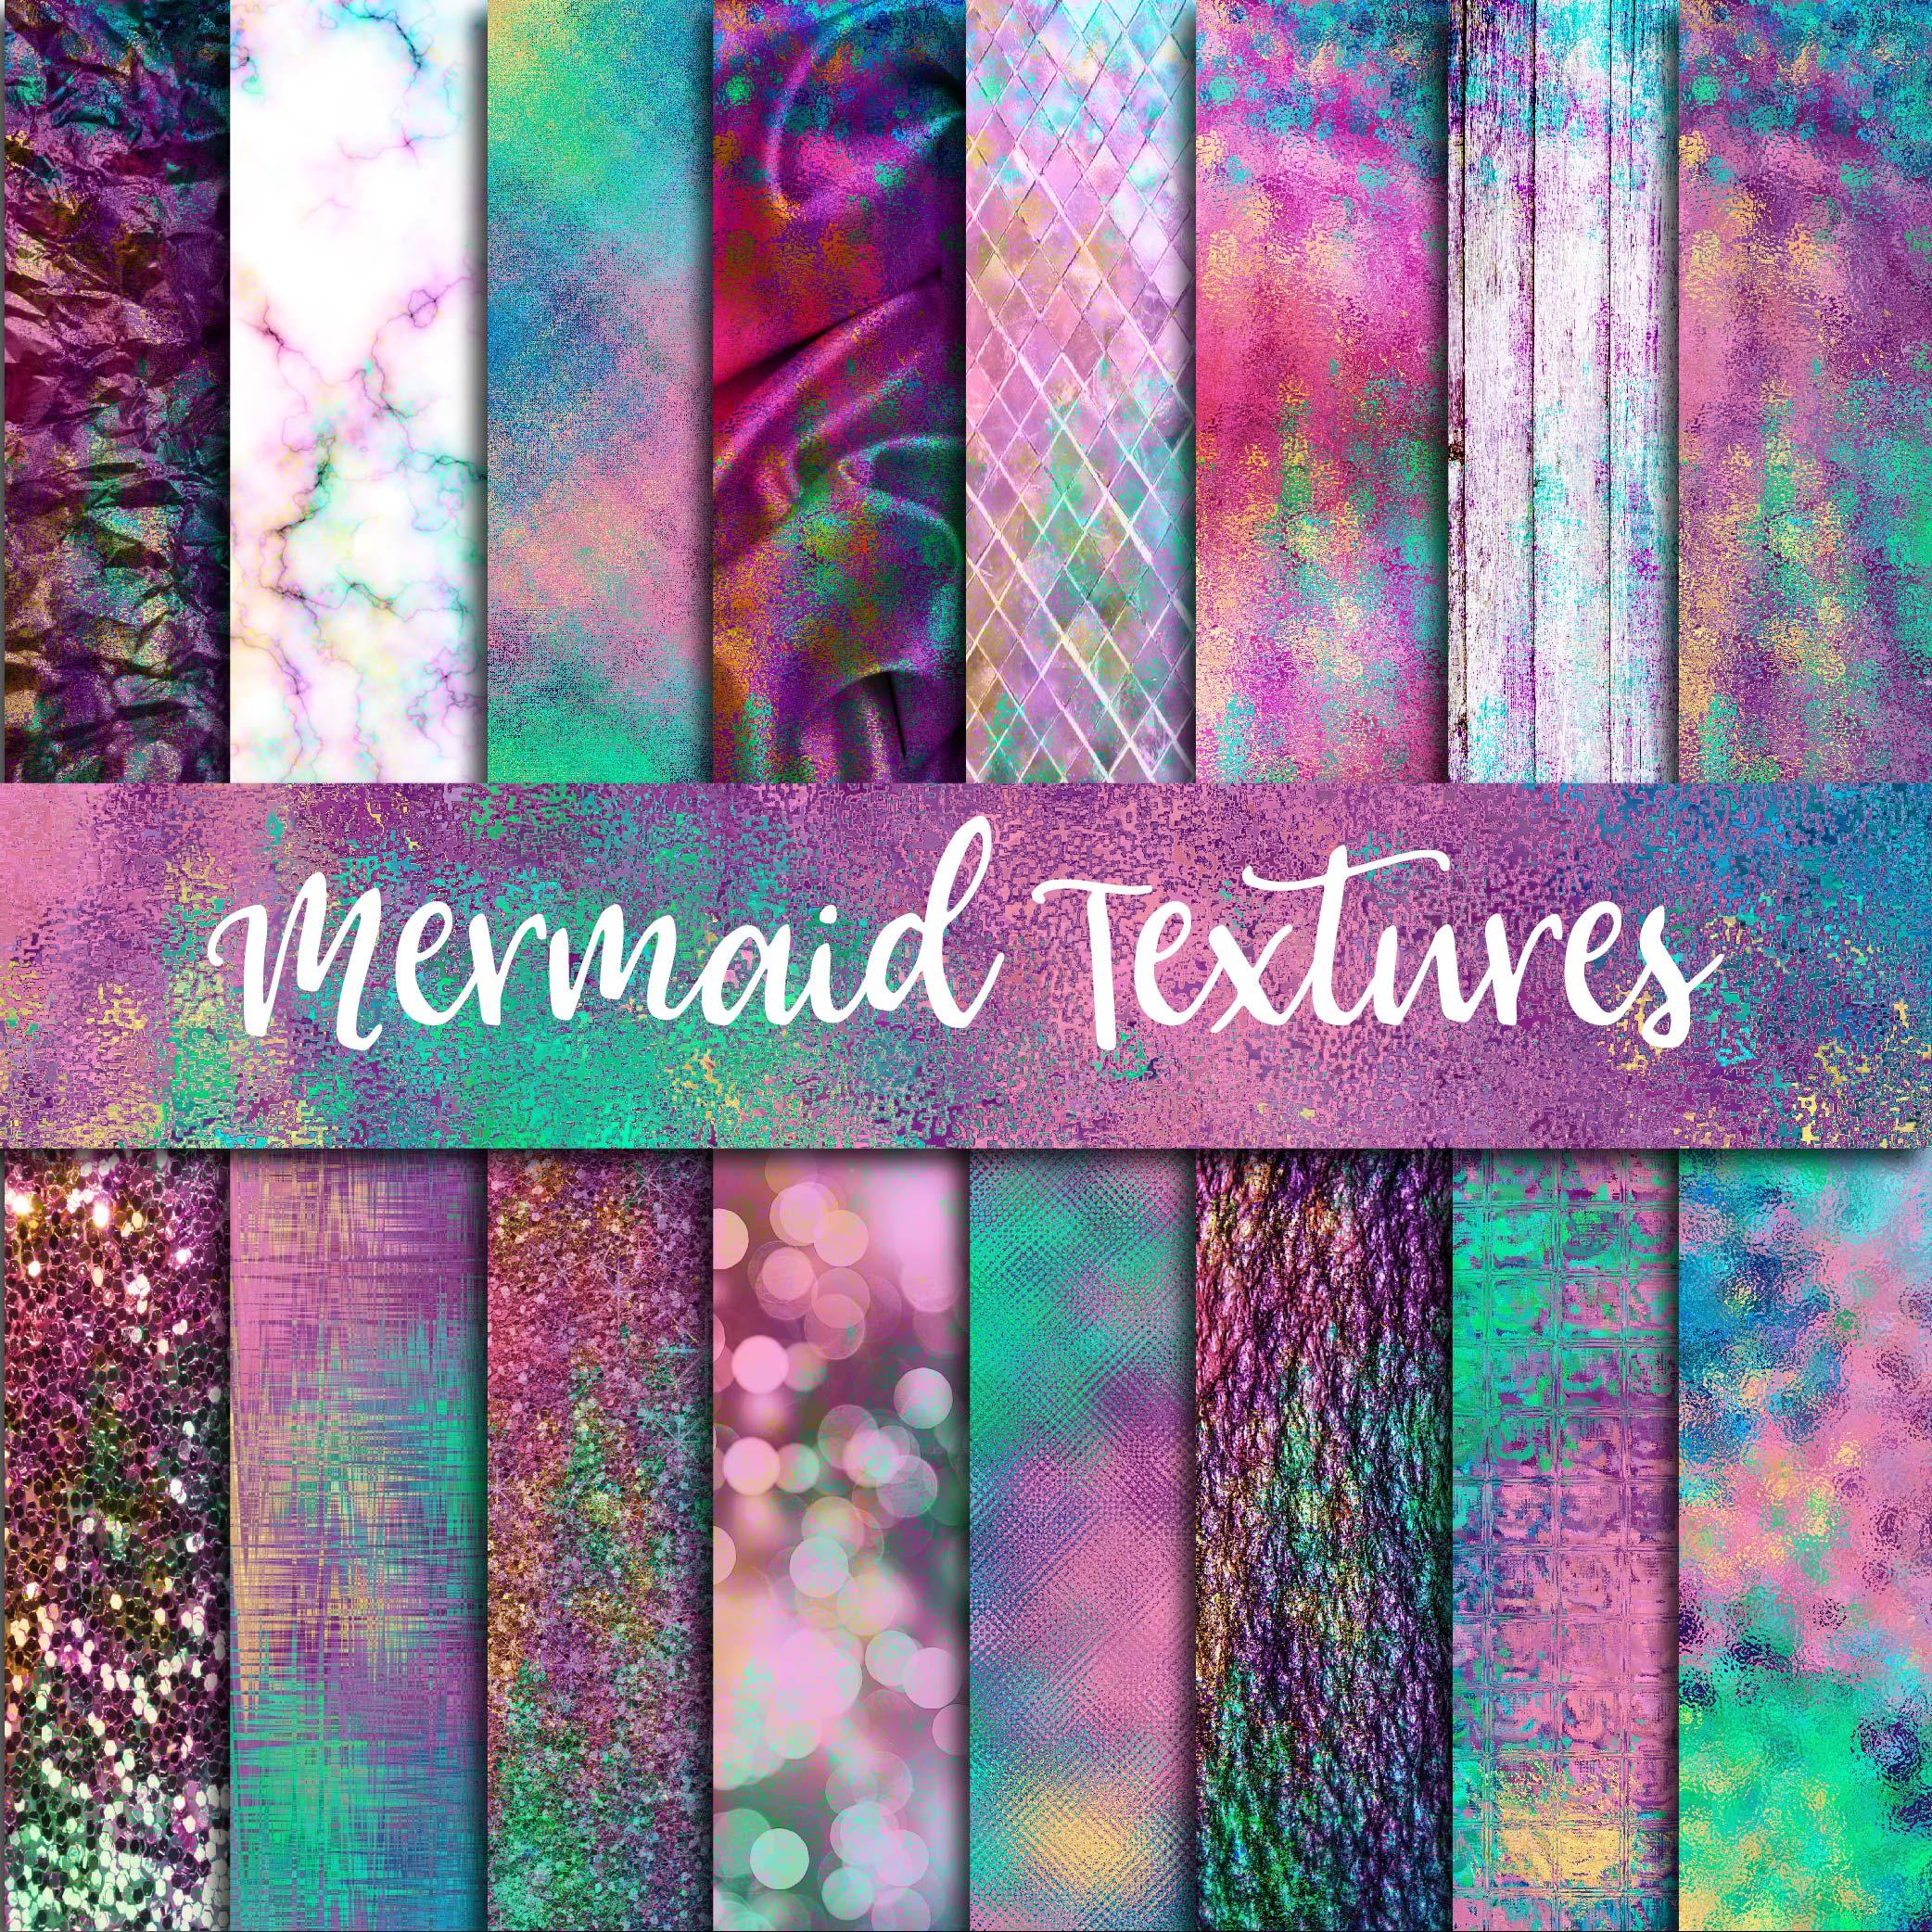 Mermaid Textures Digital Paper example image 1